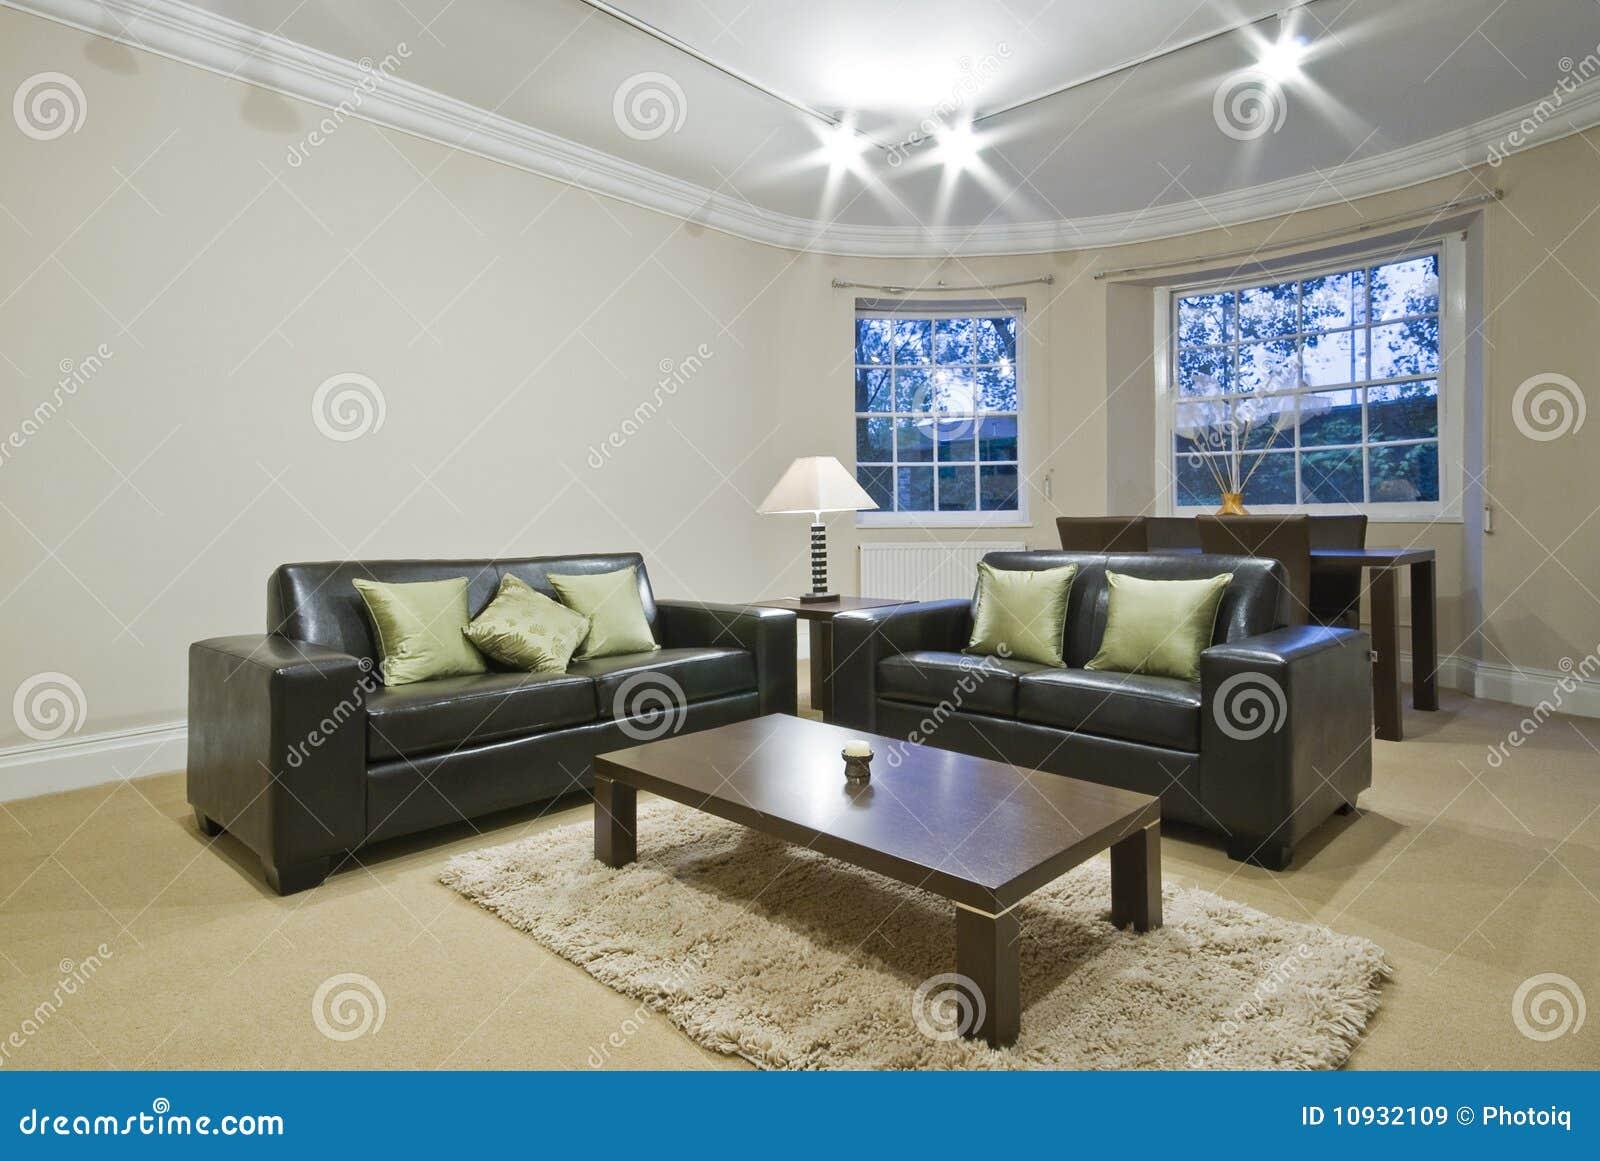 Klassieke woonkamer met ovale erker stock afbeelding for Klassieke inrichting woonkamer